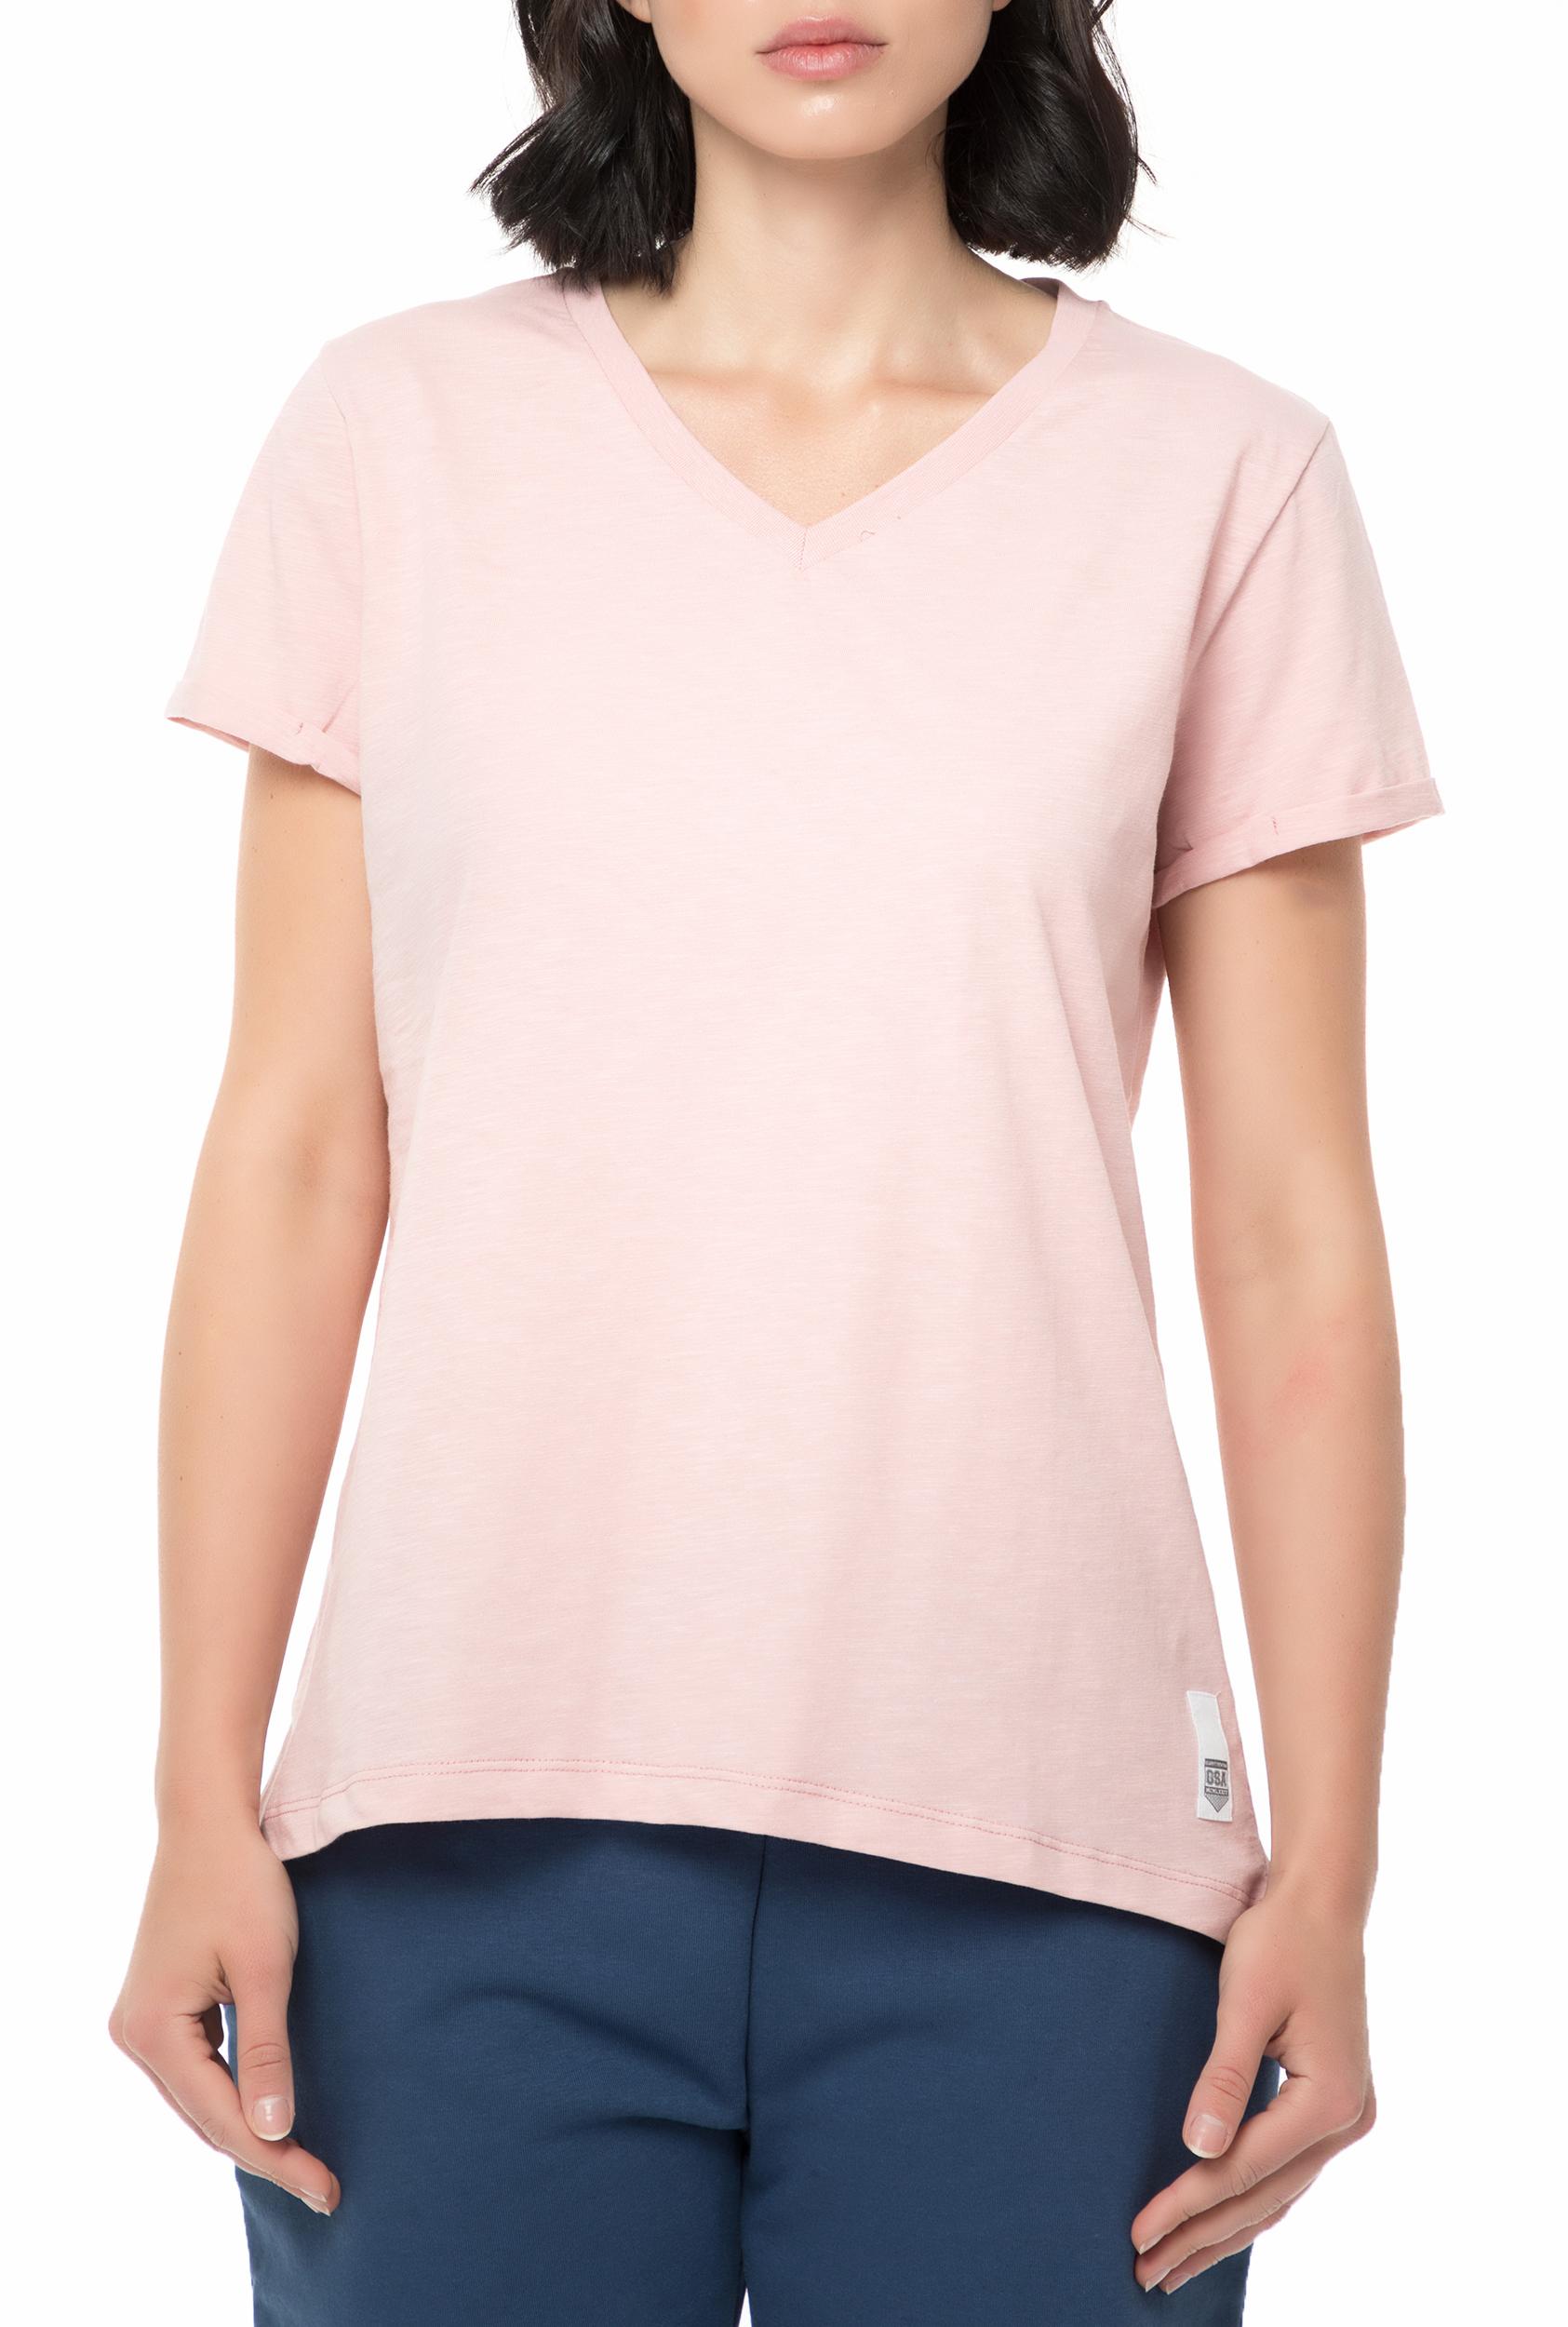 d465e625c050 Γυναικείες Μπλούζες σε απίθανα σχέδια και χρώματα 2019